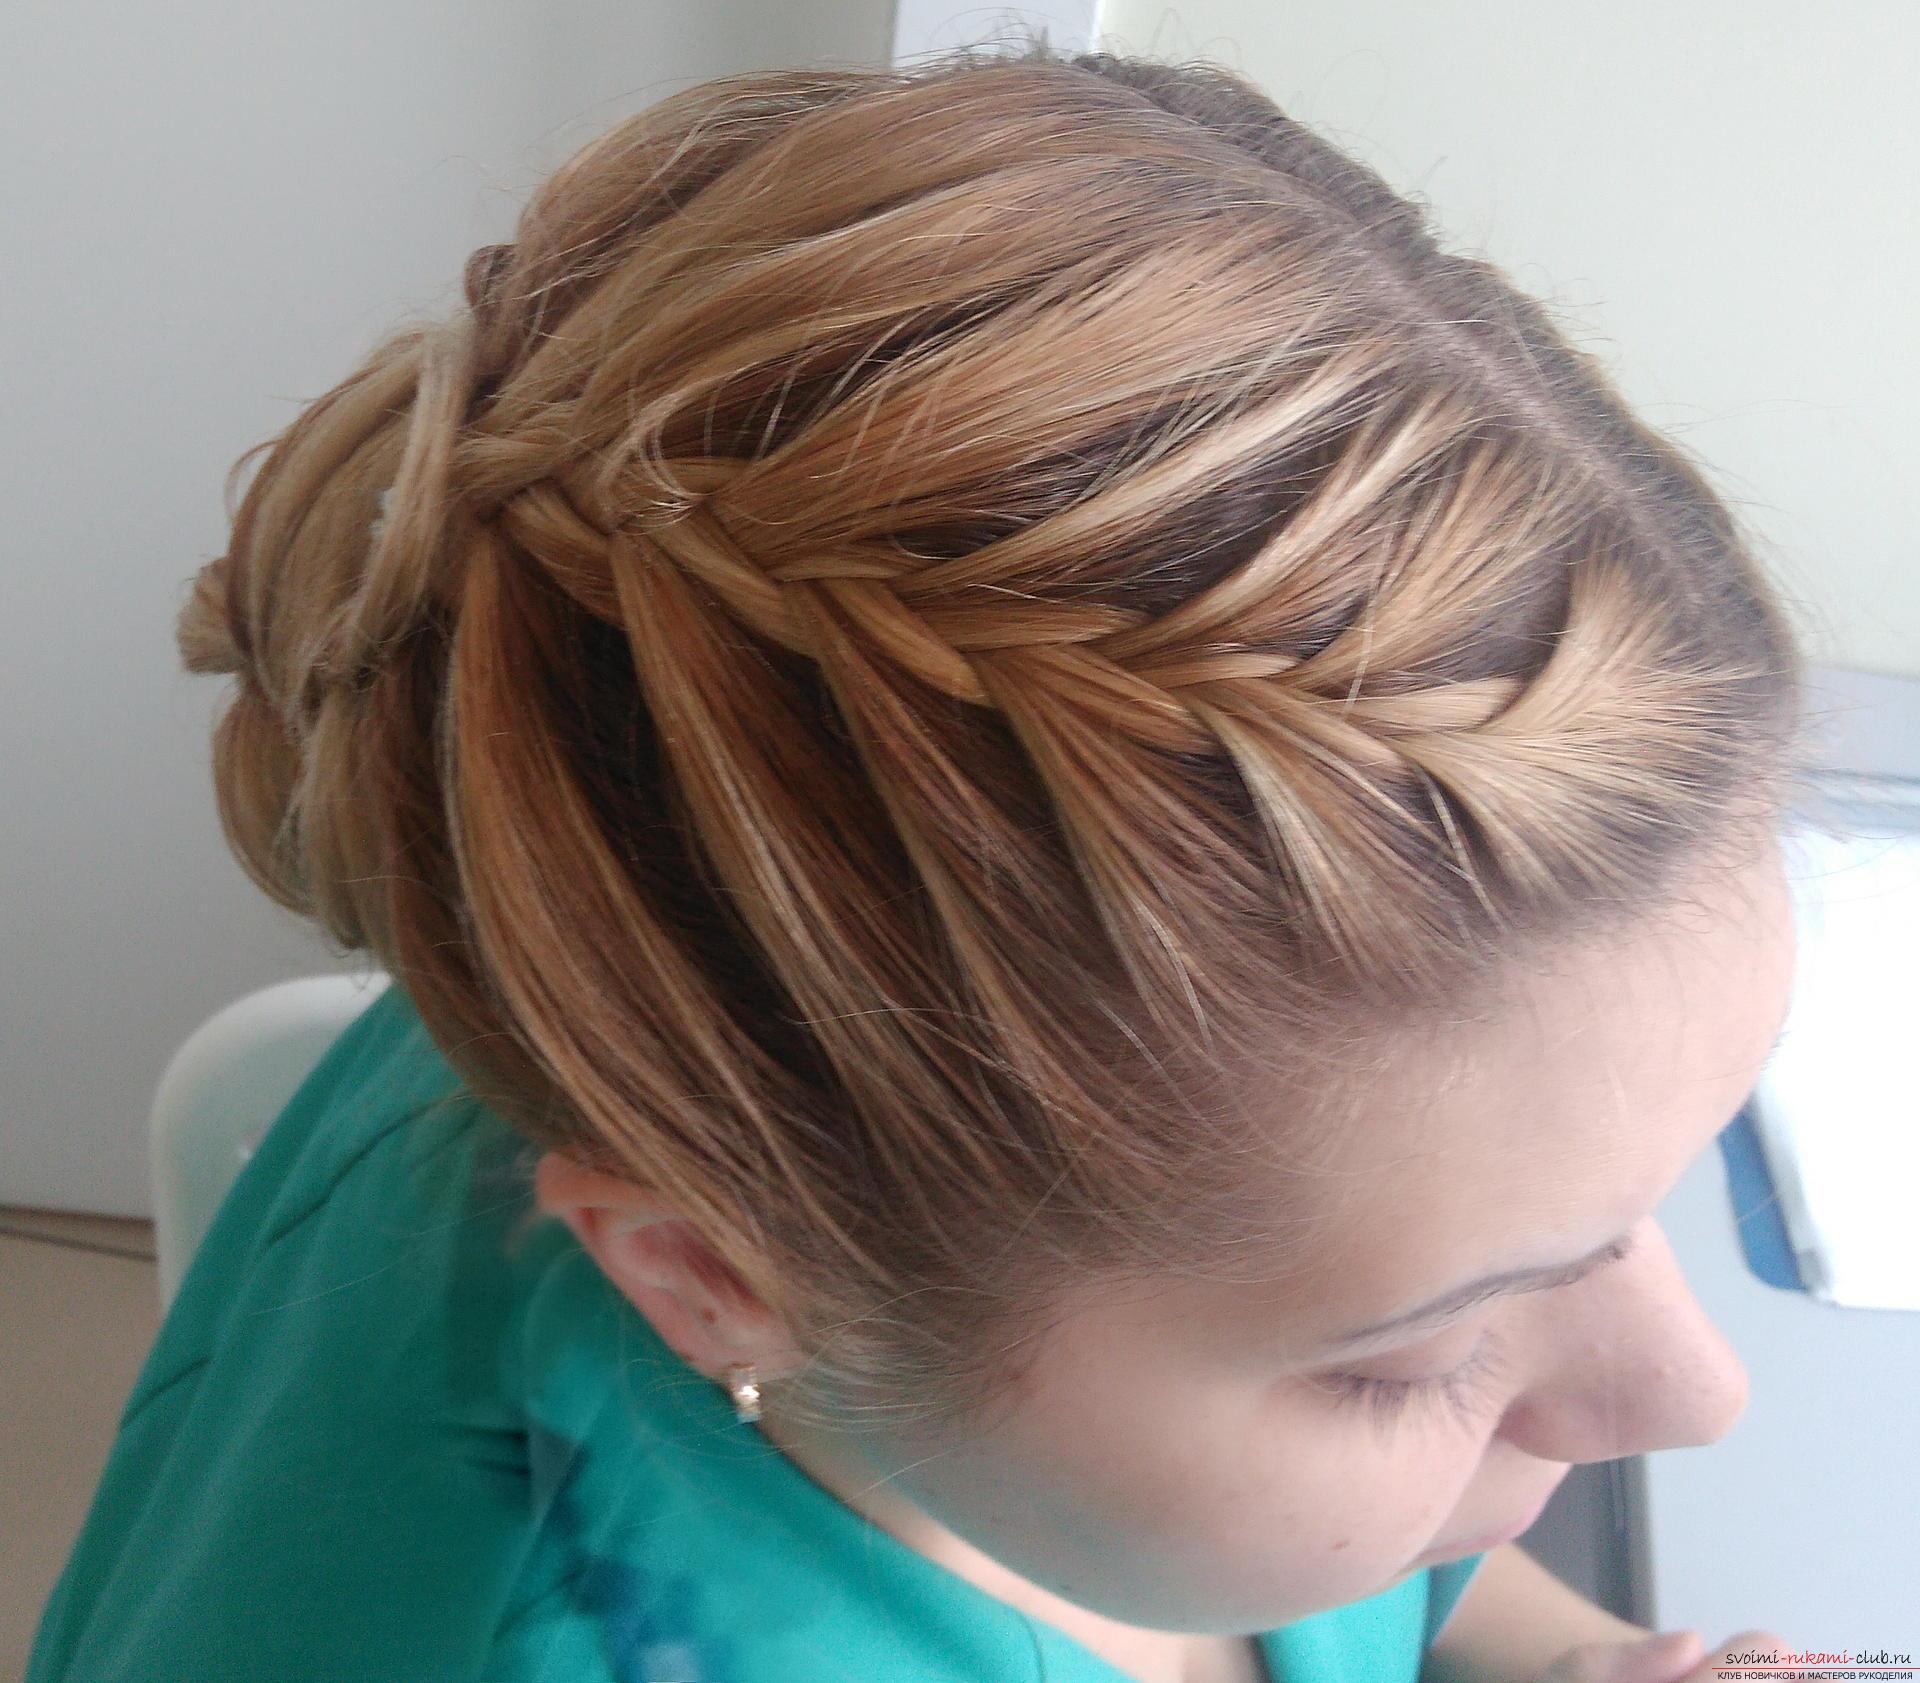 Прически на короткие волосы с плетением кос фото